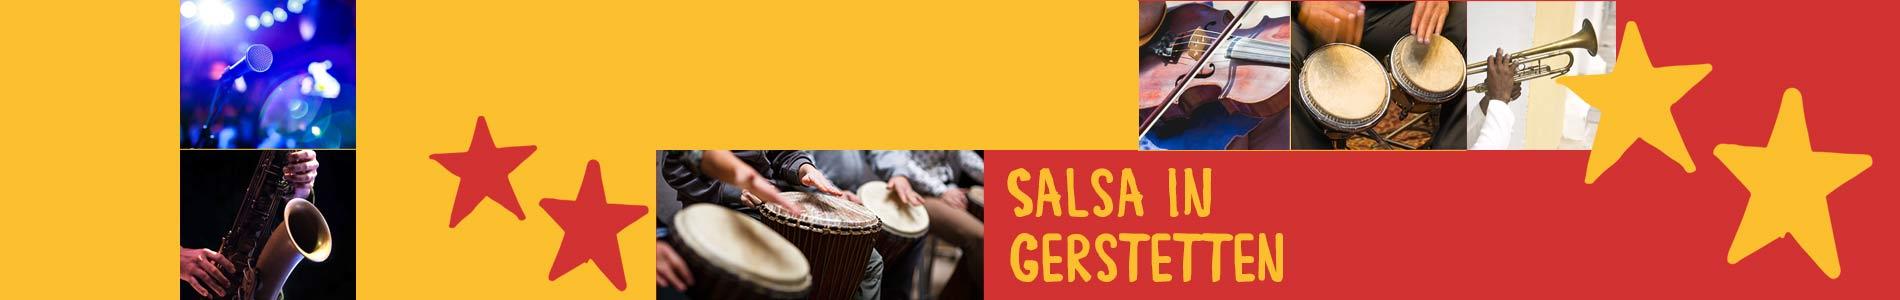 Salsa in Gerstetten – Salsa lernen und tanzen, Tanzkurse, Partys, Veranstaltungen